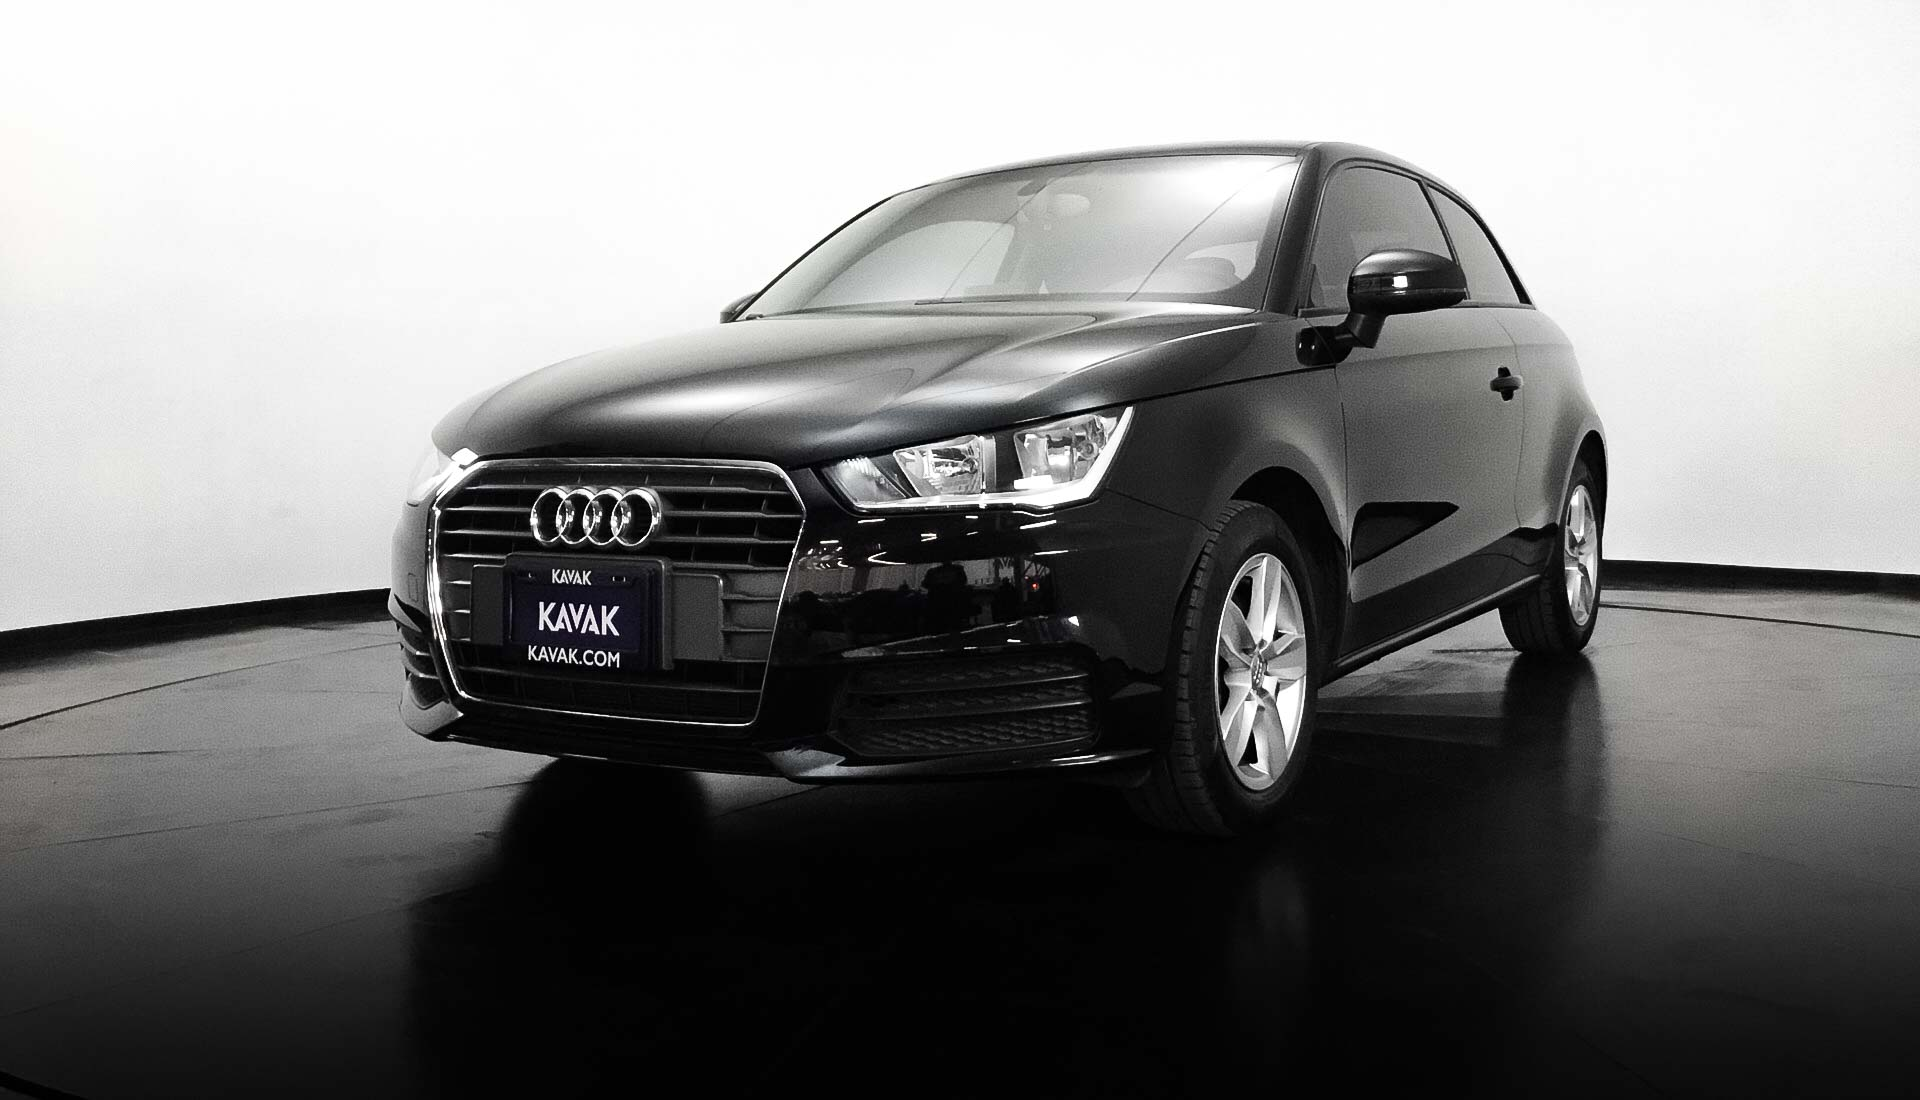 Audi A1 2017 3228 21454 Km Precio 259999